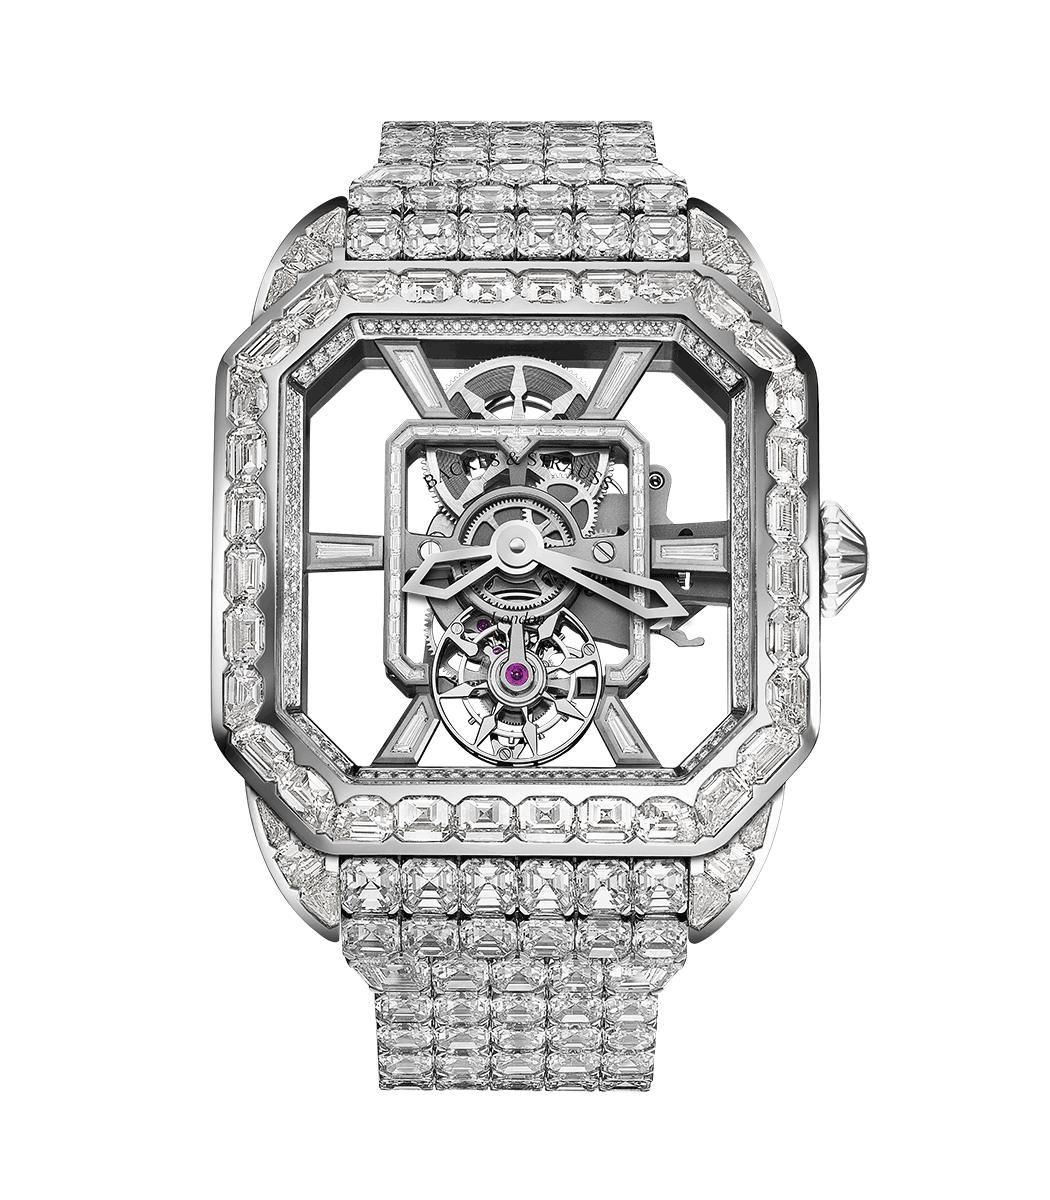 Royal Berkeley Emperor Tourbillon diamond watch